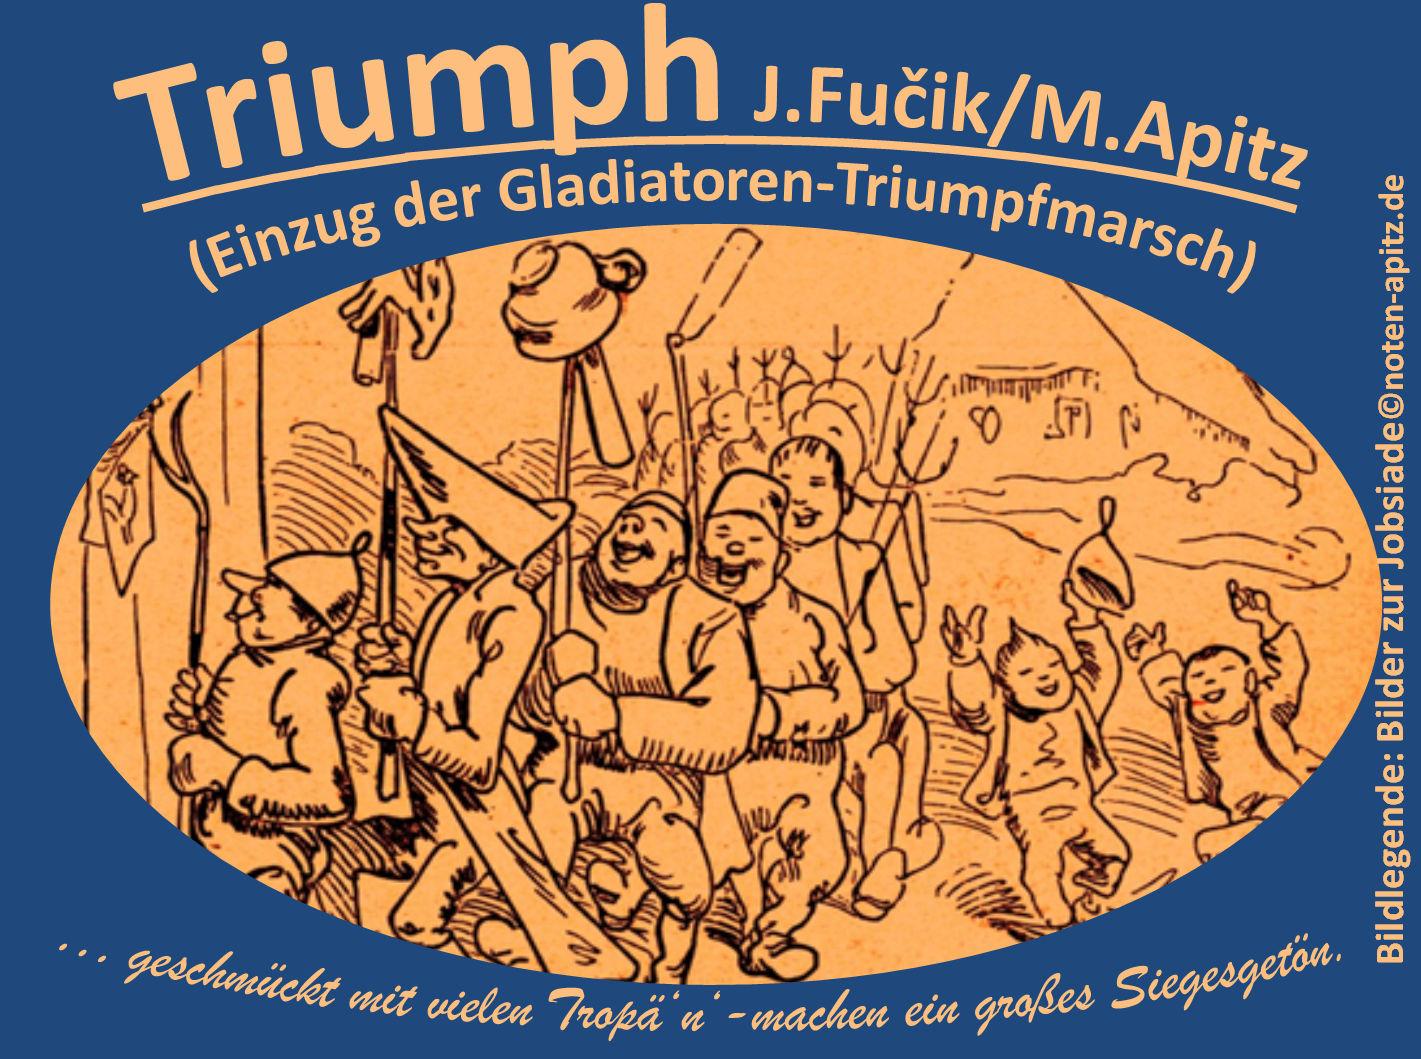 Triumph, J. Fucik / M. Apitz (Julius Fučík / Manfred Apitz); Spruch: geschmückt mit vielen Trophä'n, – machen ein großes Siegesgetön; Wilhelm Busch, Bilder zur Jobsiade Sparte: 19. Jh. Konzert